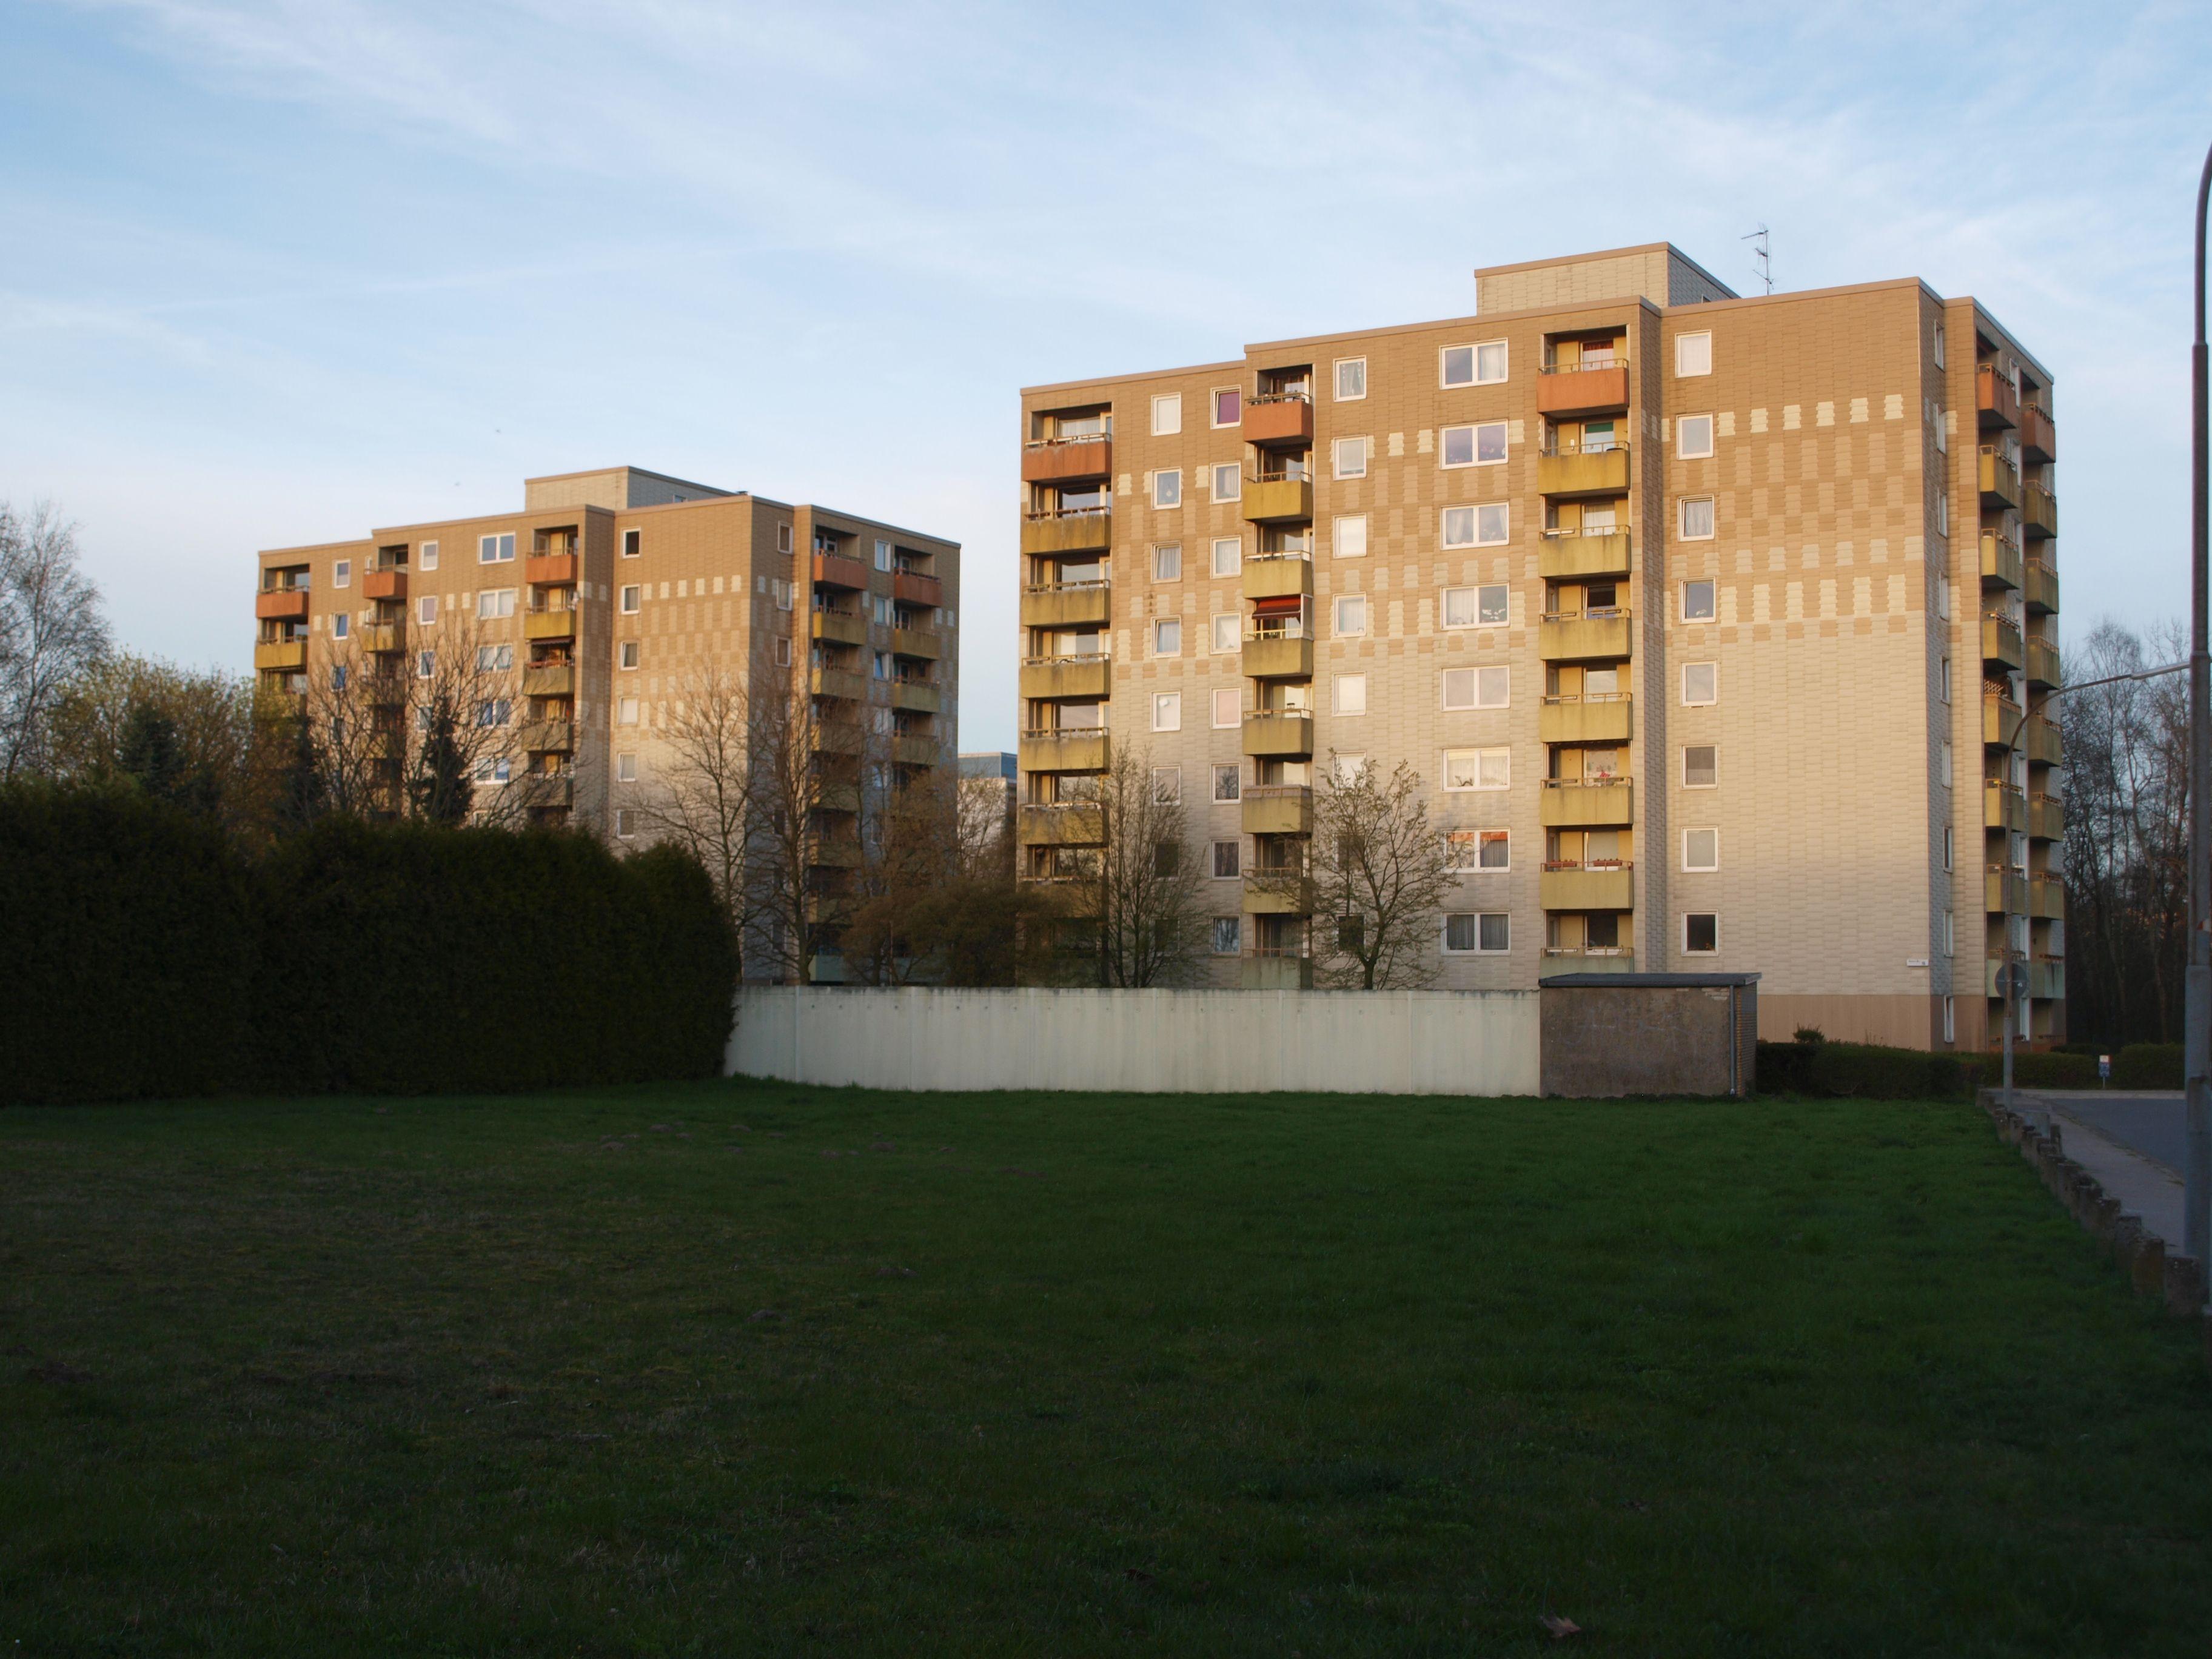 Hochhäuser im Stadtteil Nordost